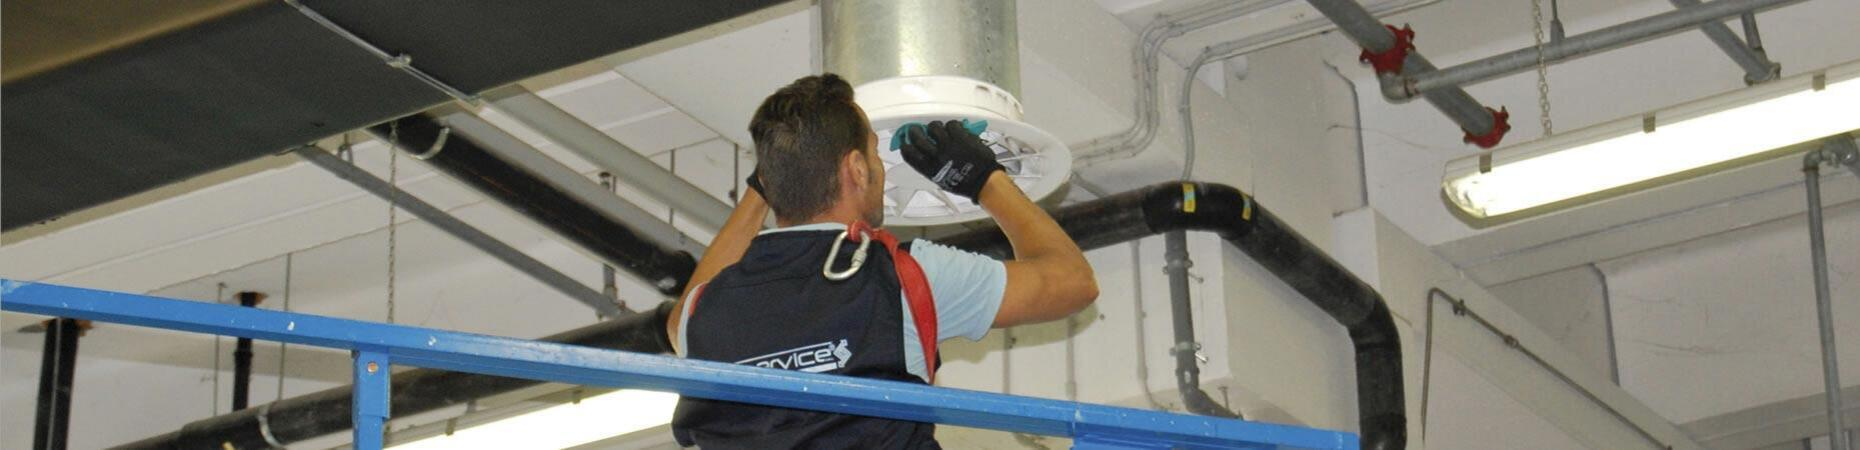 ecoservice-cesena it pulizia-e-sanificazione-condotti-aria-cesena 005